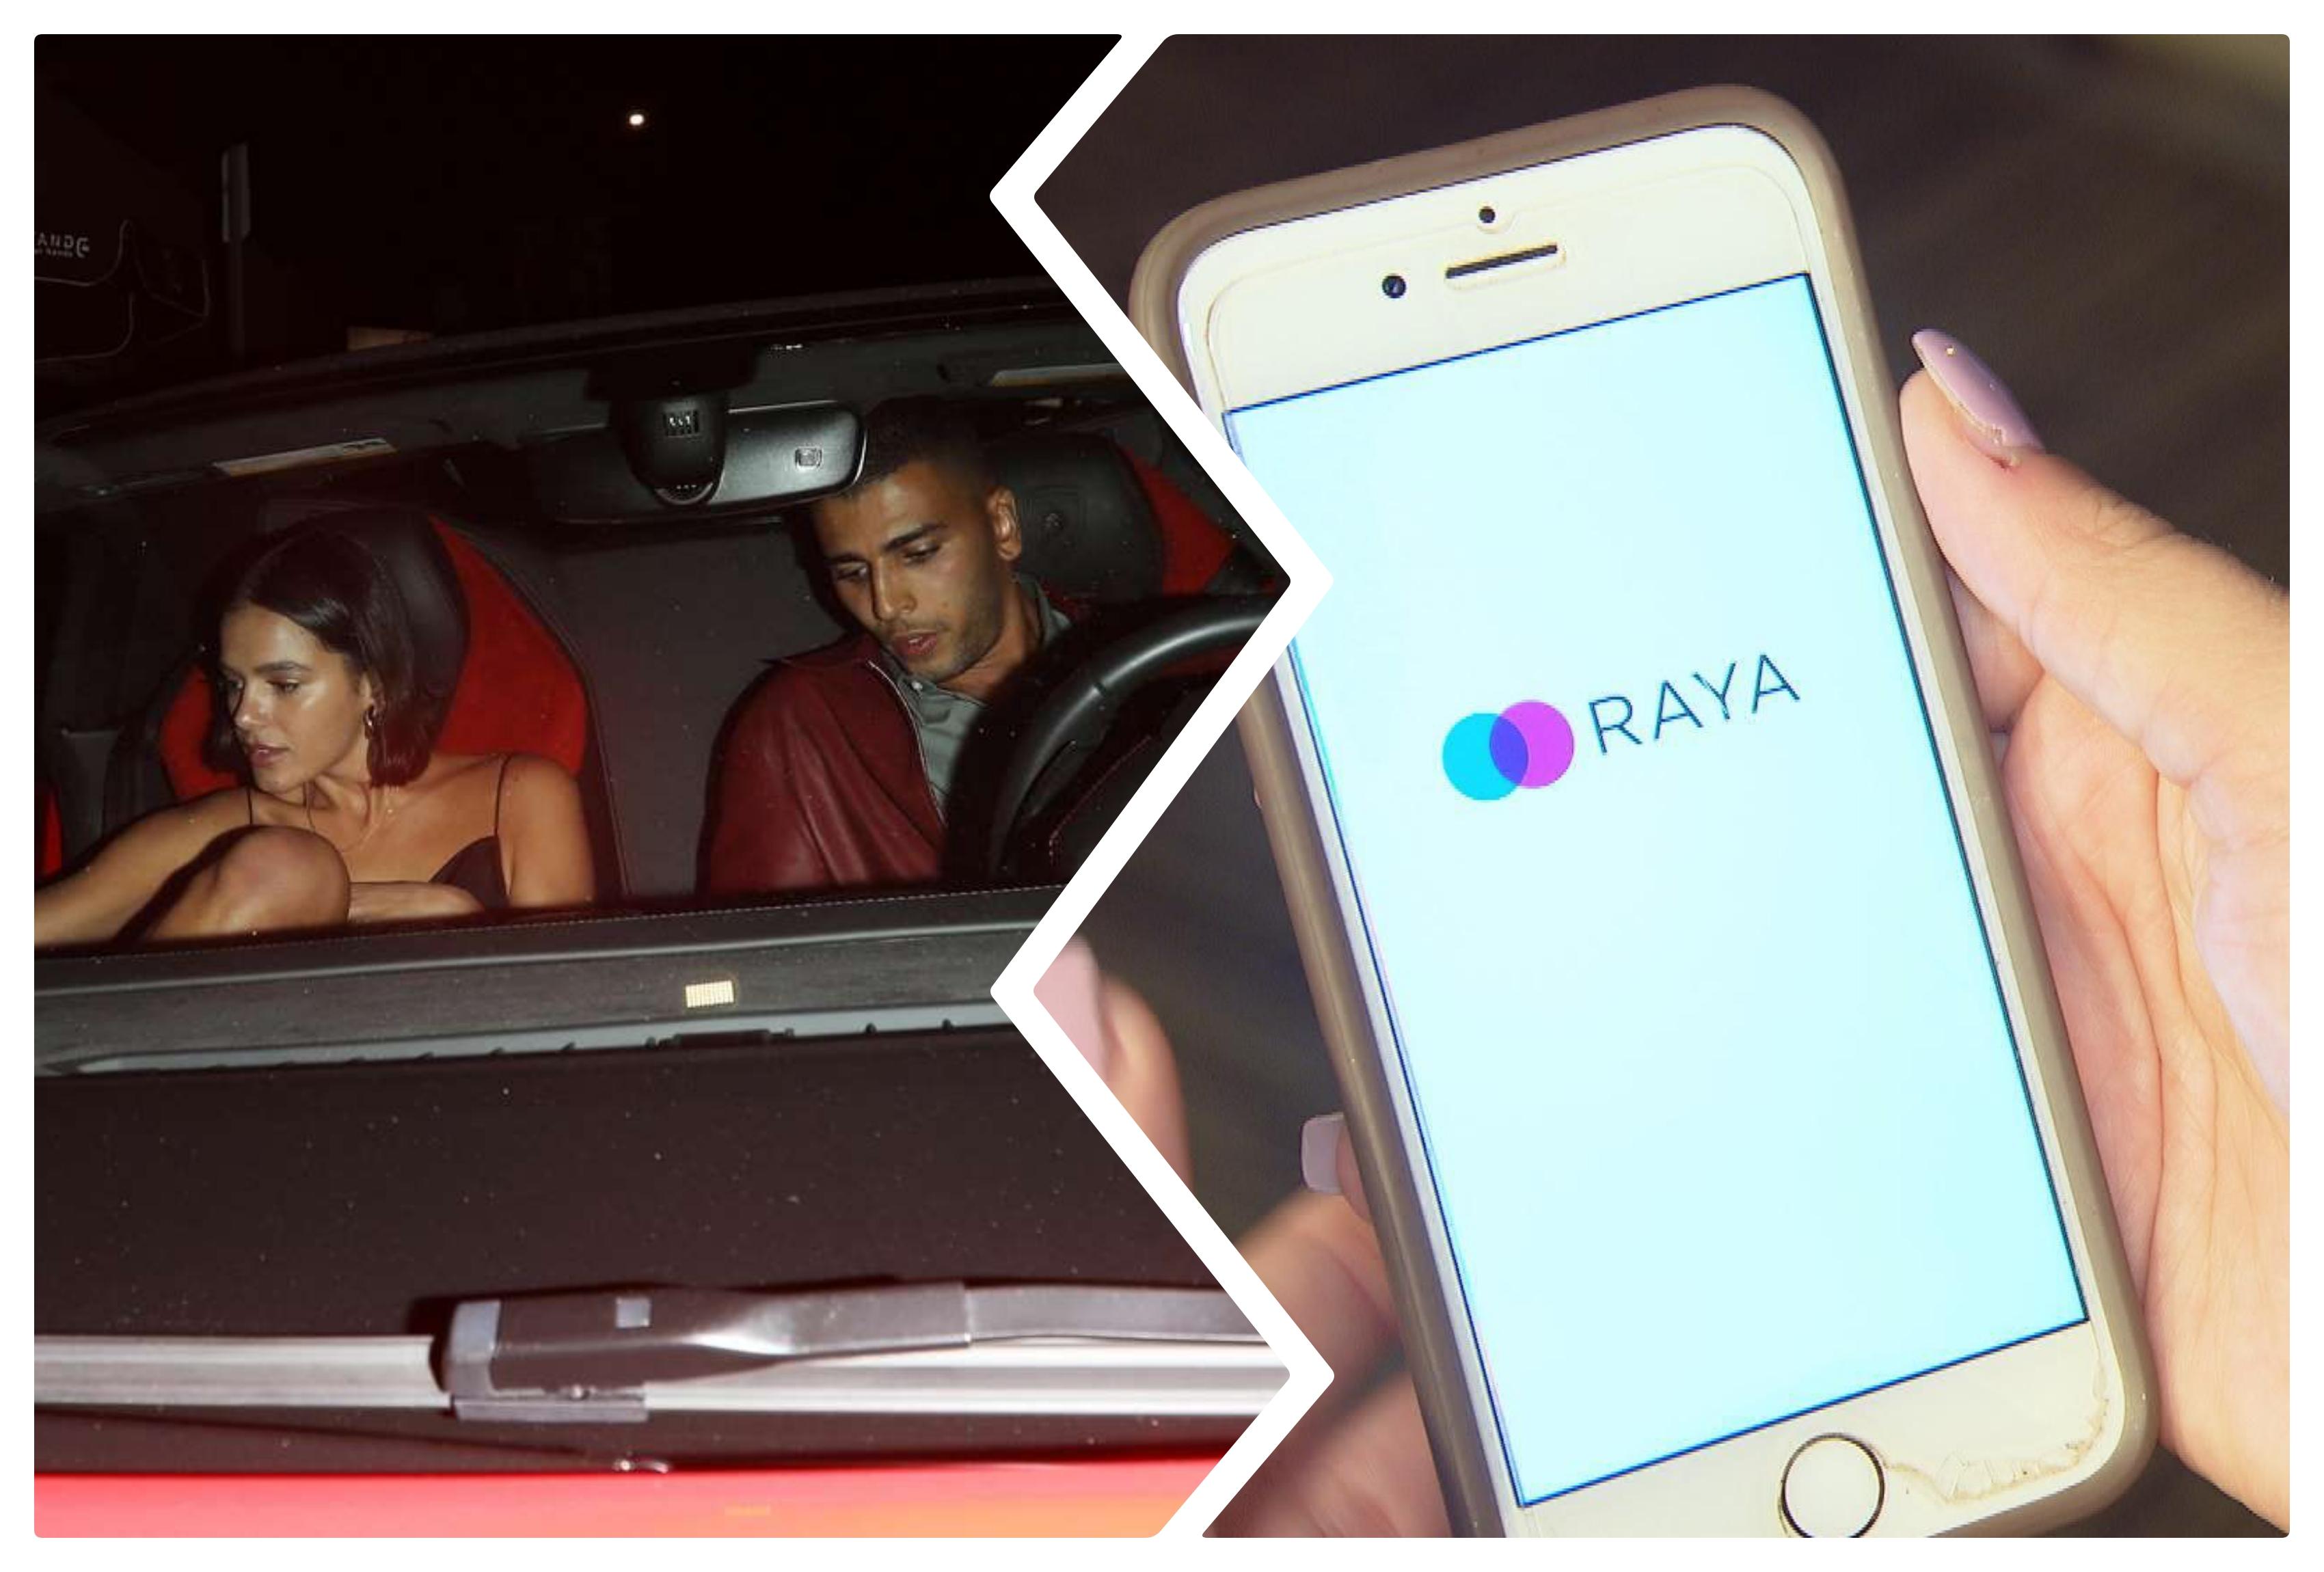 Bruna Marquezine e Younes. Logo do aplicativo Raya [tinder dos ricaços] Foto: Reprodução